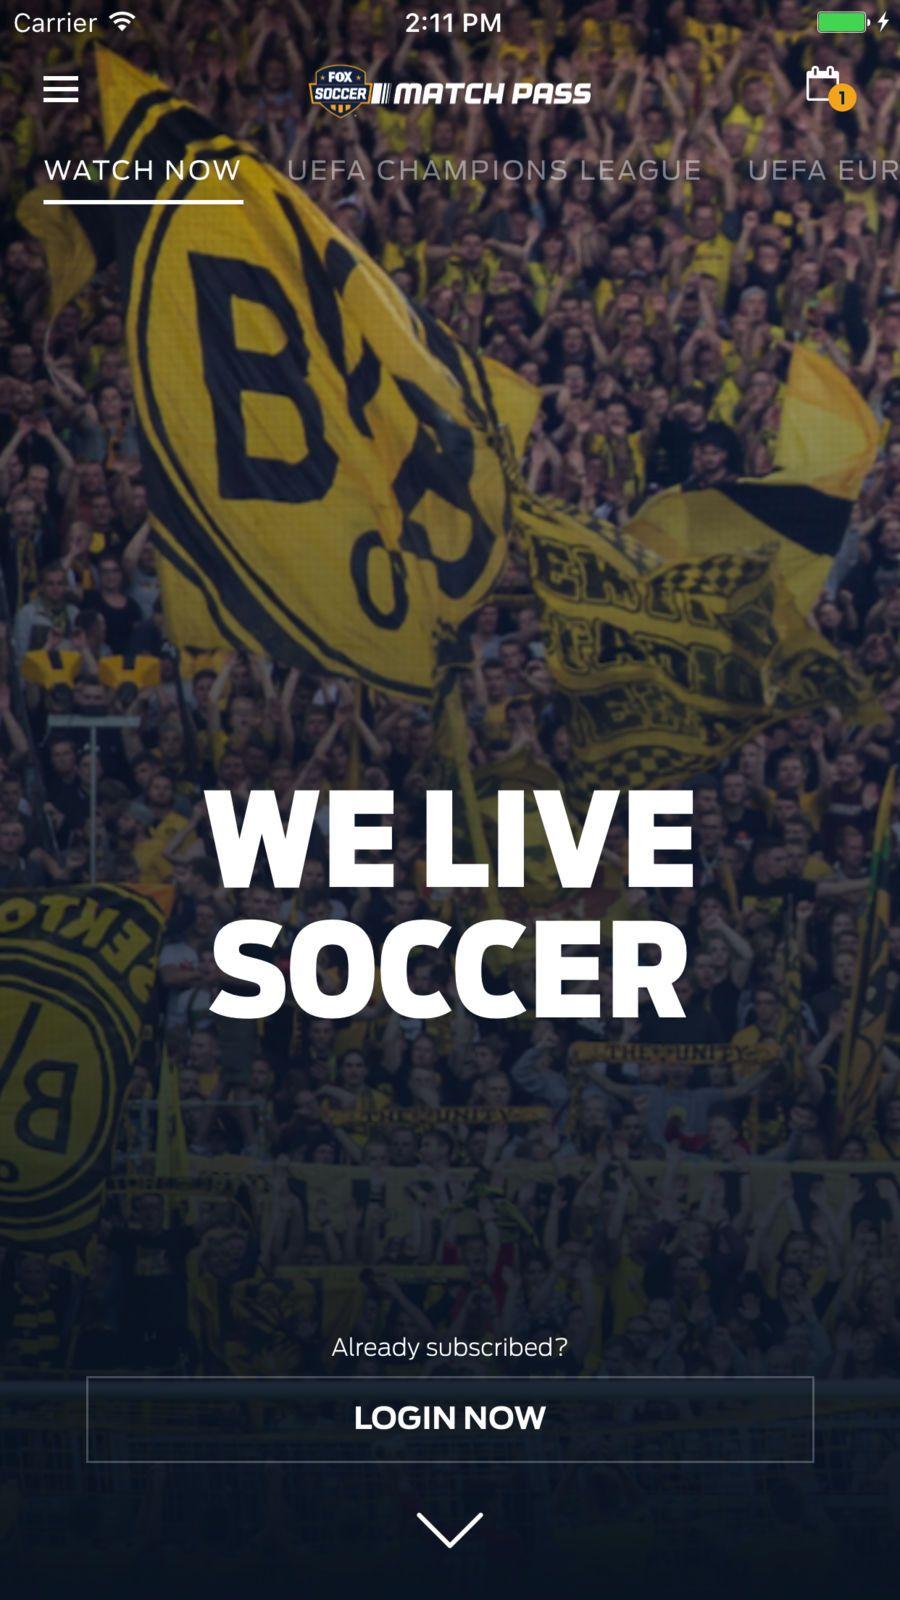 FOX Soccer Match Pass EntertainmentChannelappsios